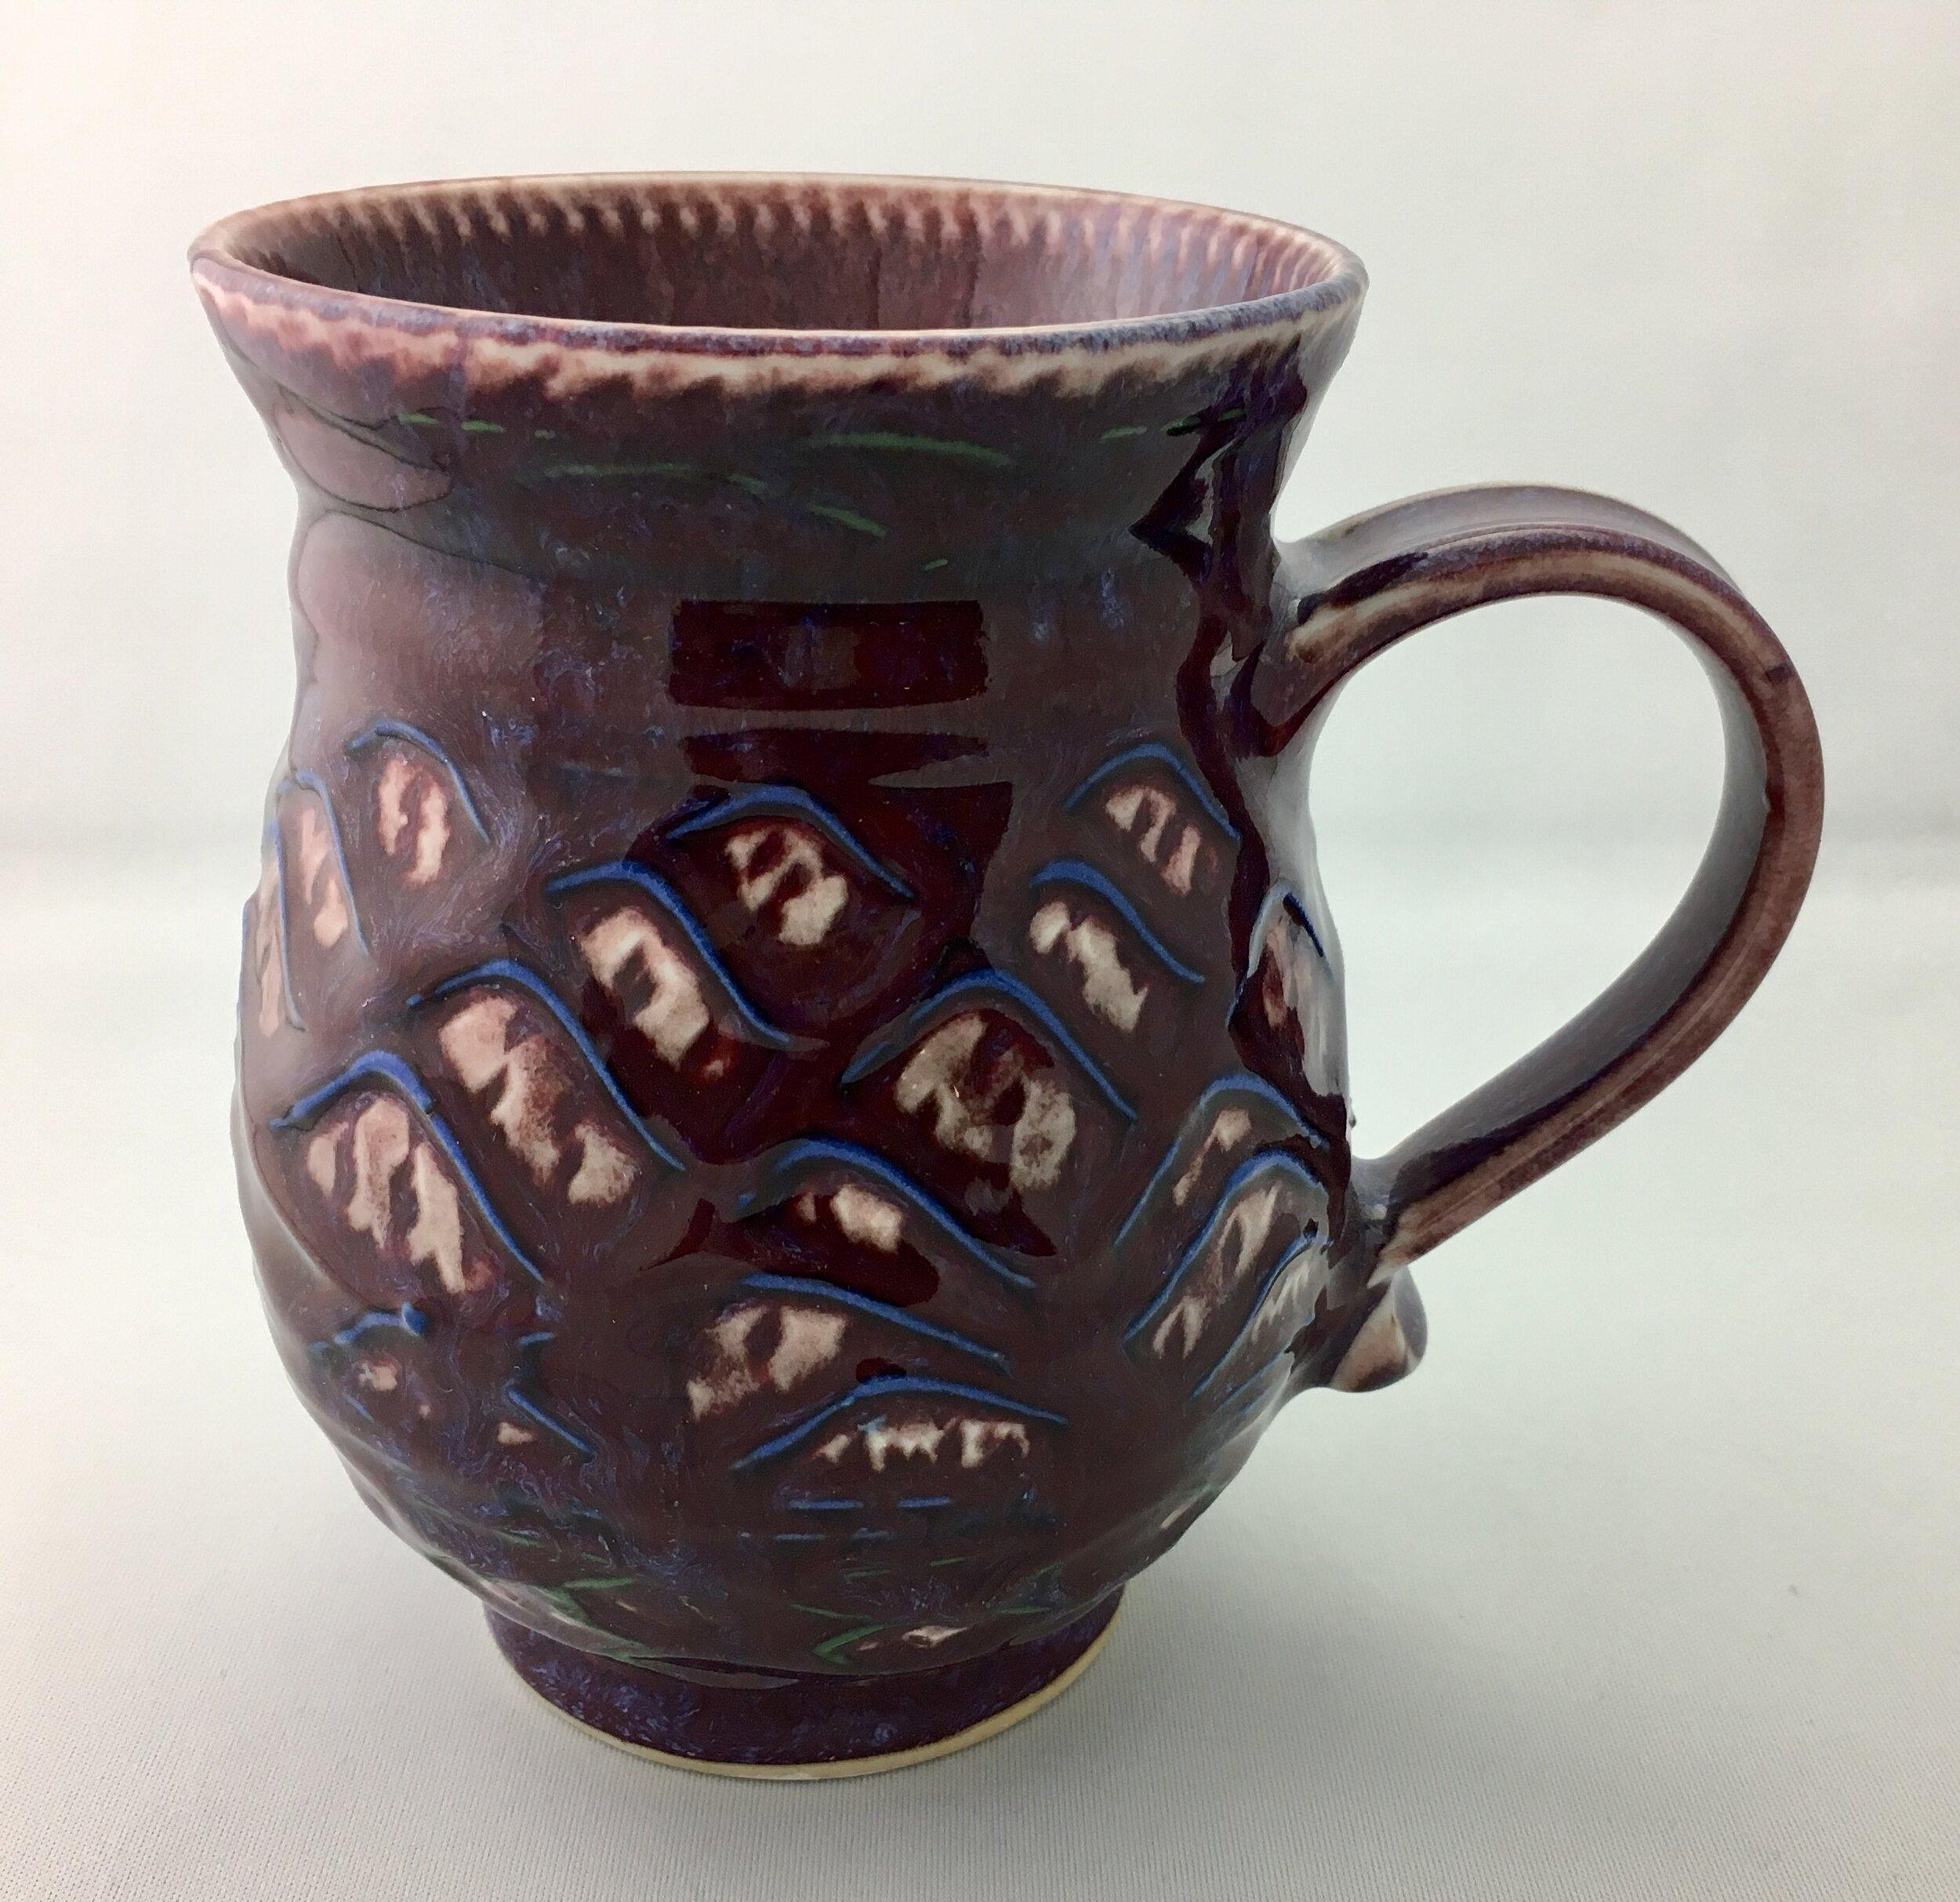 DM mug 3 IMG_5101.jpg